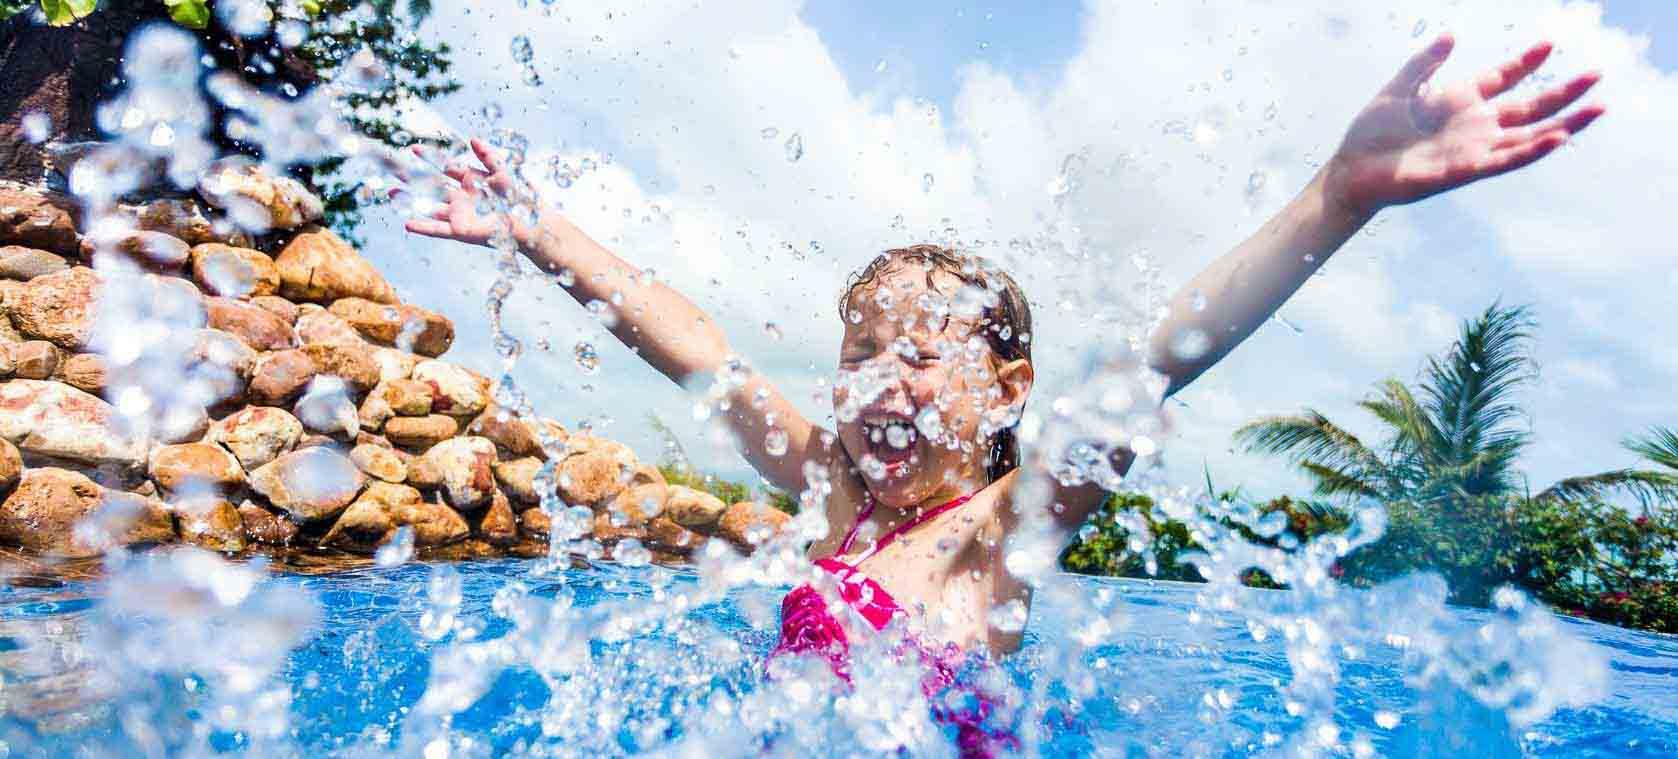 Sommerferien – Aktivitäten für die Kleinen